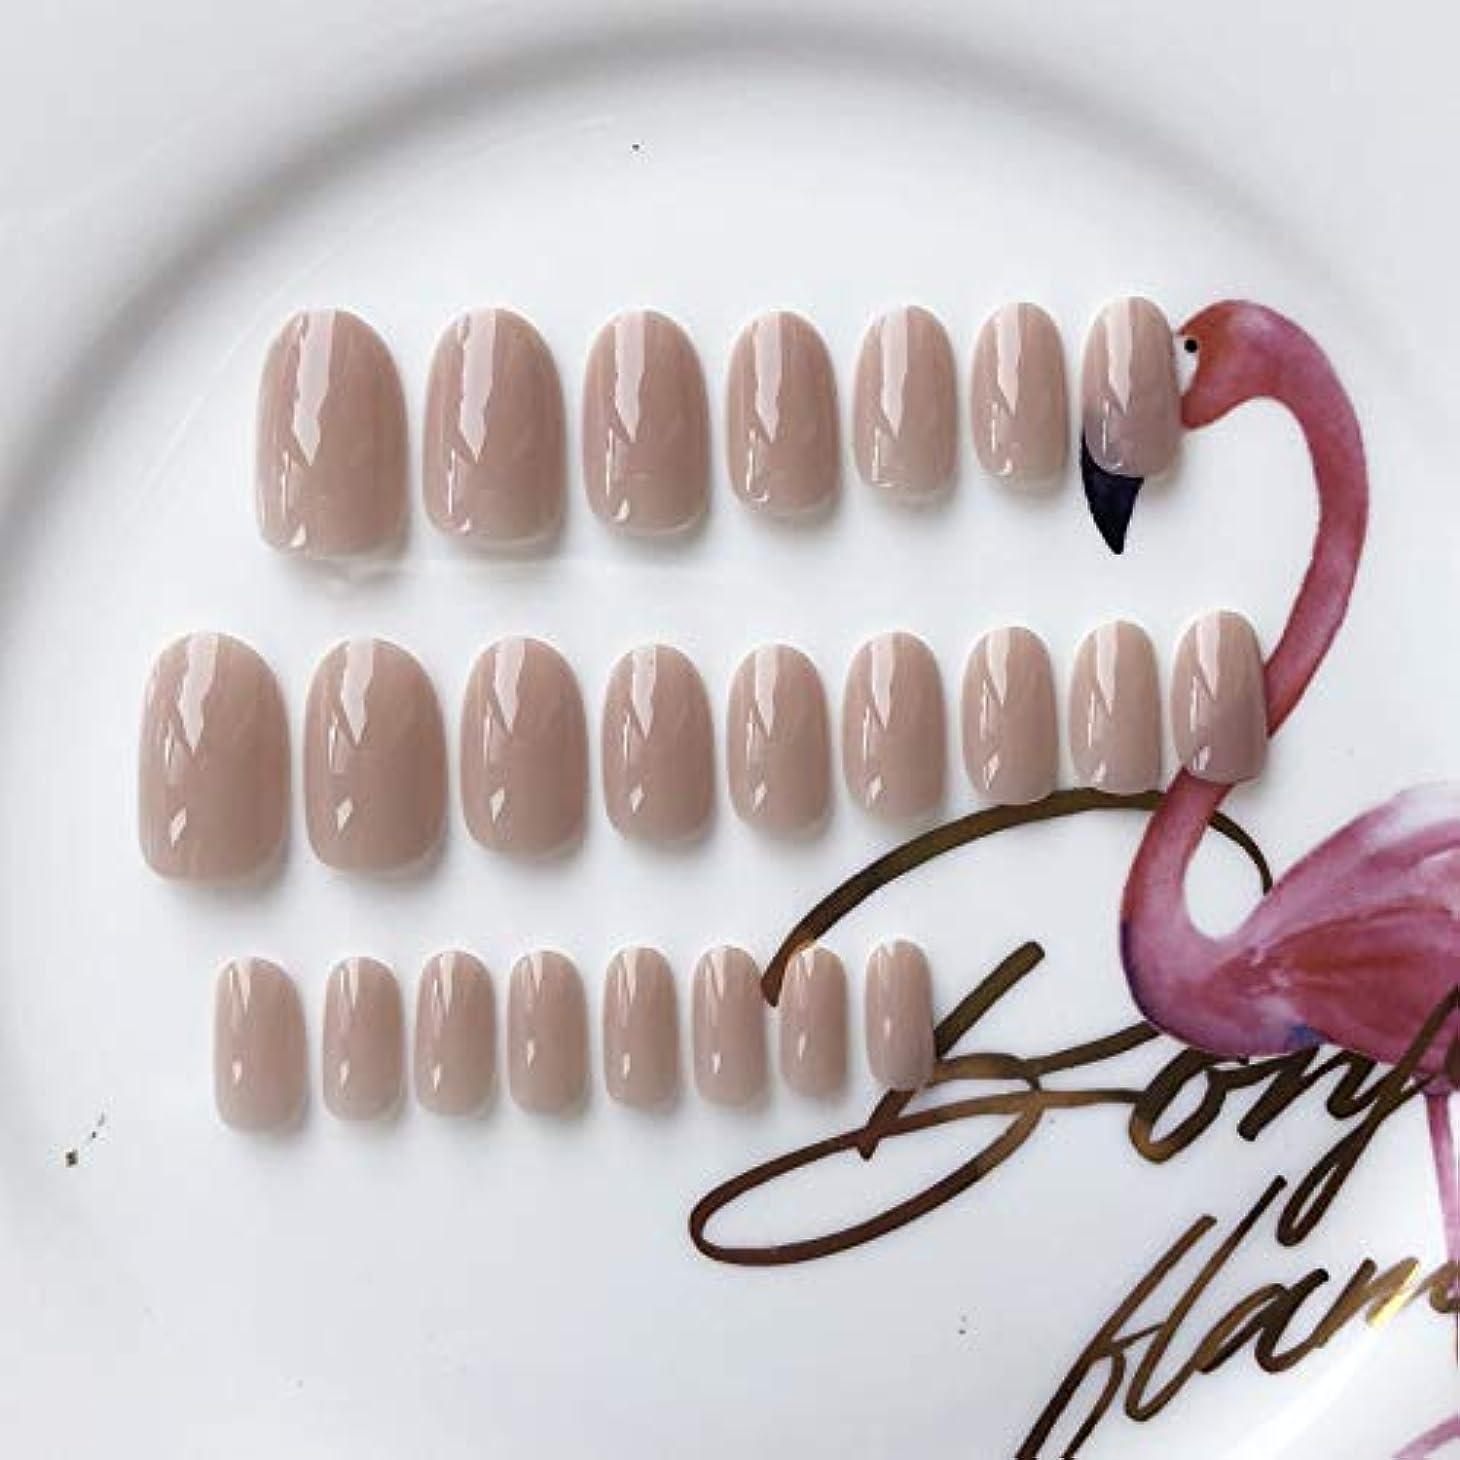 XUANHU HOME 24個のエレガントなブライダルソリッド反抗的なヌード楕円ショートフルカバー偽爪と接着剤ステッカーとミニファイル